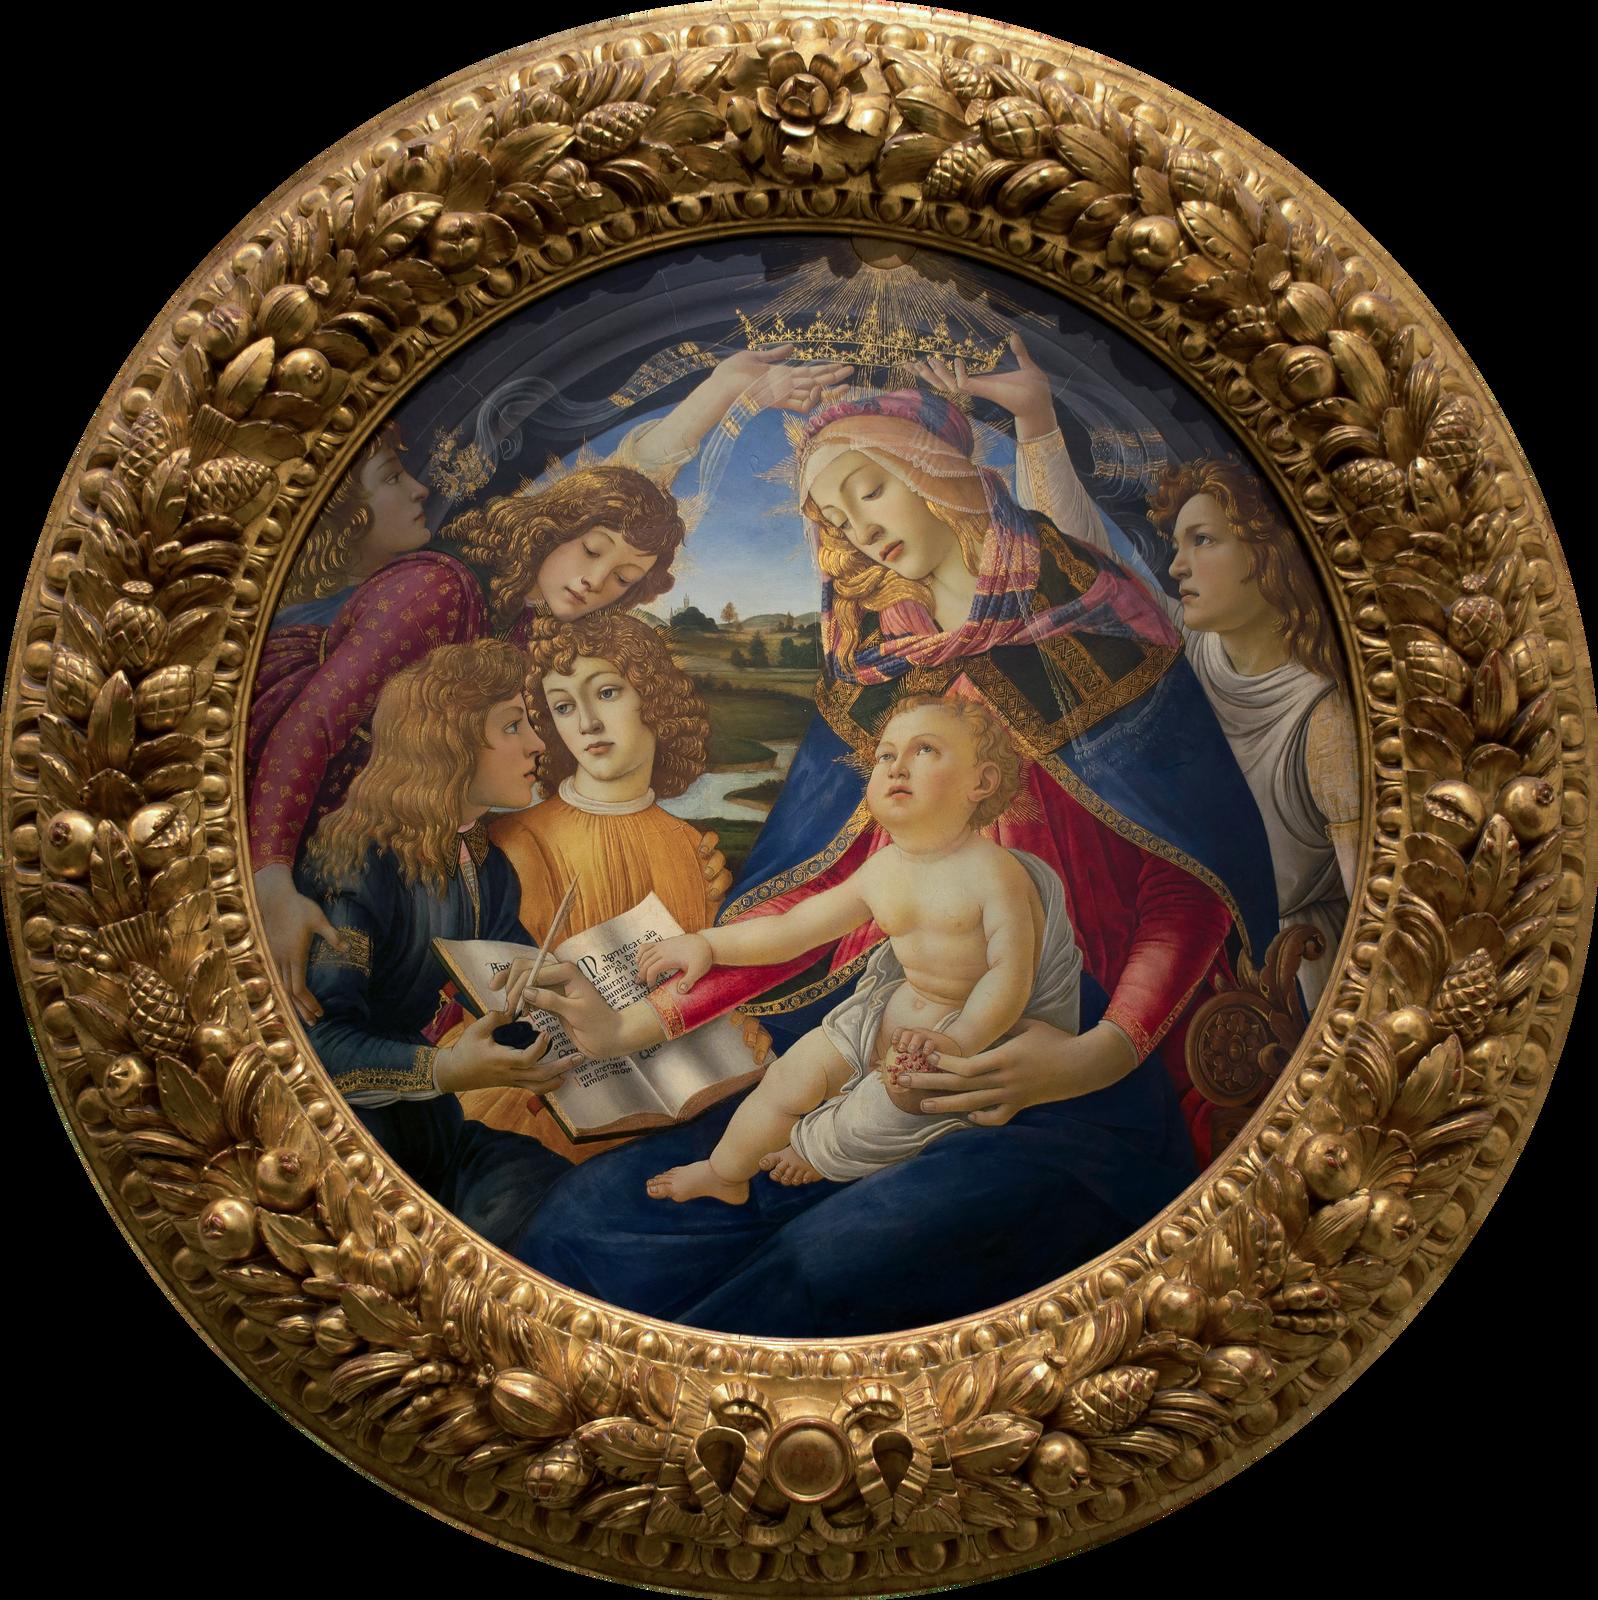 """Ilustracja przedstawia obraz olejny """"Madonna Magnificat"""" autorstwa Sandro Botticellego. Na płótnie okształcie koła, ukazana jest Madonna zmałym Chrystusem na kolanach. Matka Boska ubrana jest wczerwoną suknię. Jej ramiona przykrywa granatowy płaszcz ze złotymi wykończeniami. Głowę okrytą ma przezroczystym woalem ipasiastą, różowo-niebieską chustą. Nad nią znajduje się korona trzymana przez dwóch aniołów. Zlewej strony kompozycji stoją trzy postacie młodych osób odługich, jasnych, falowanych włosach. Dwaj młodzieńcy trzymają wdłoniach otwartą, zapisaną księgę, nad którą Madonna unosi dłoń zpiórem zanurzonym wtrzymanym przez jednego zchłopców kałamarzu. Wtle znajduje się pejzaż zrzeką ipofalowanymi pagórkami , nad którymi rozpościera się błękitne niebo. Obraz zamyka okrągła, bogato rzeźbiona wmotywy roślinne, złota rama."""